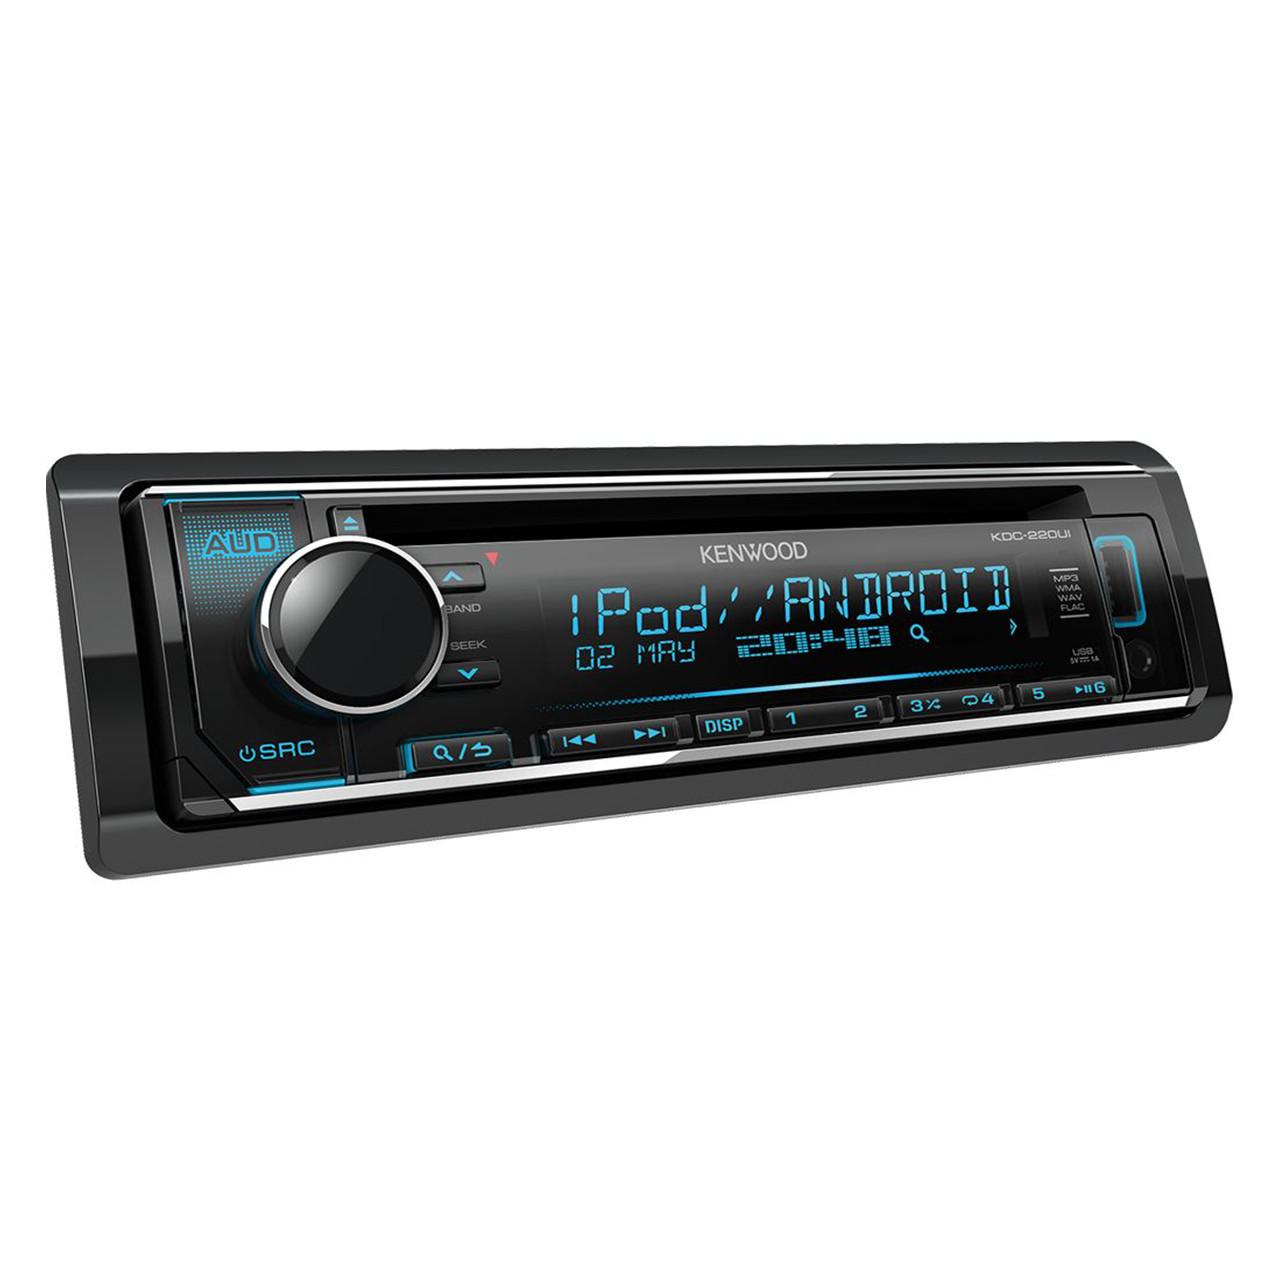 پخش کننده خودرو کنوود مدل KDC-220UI